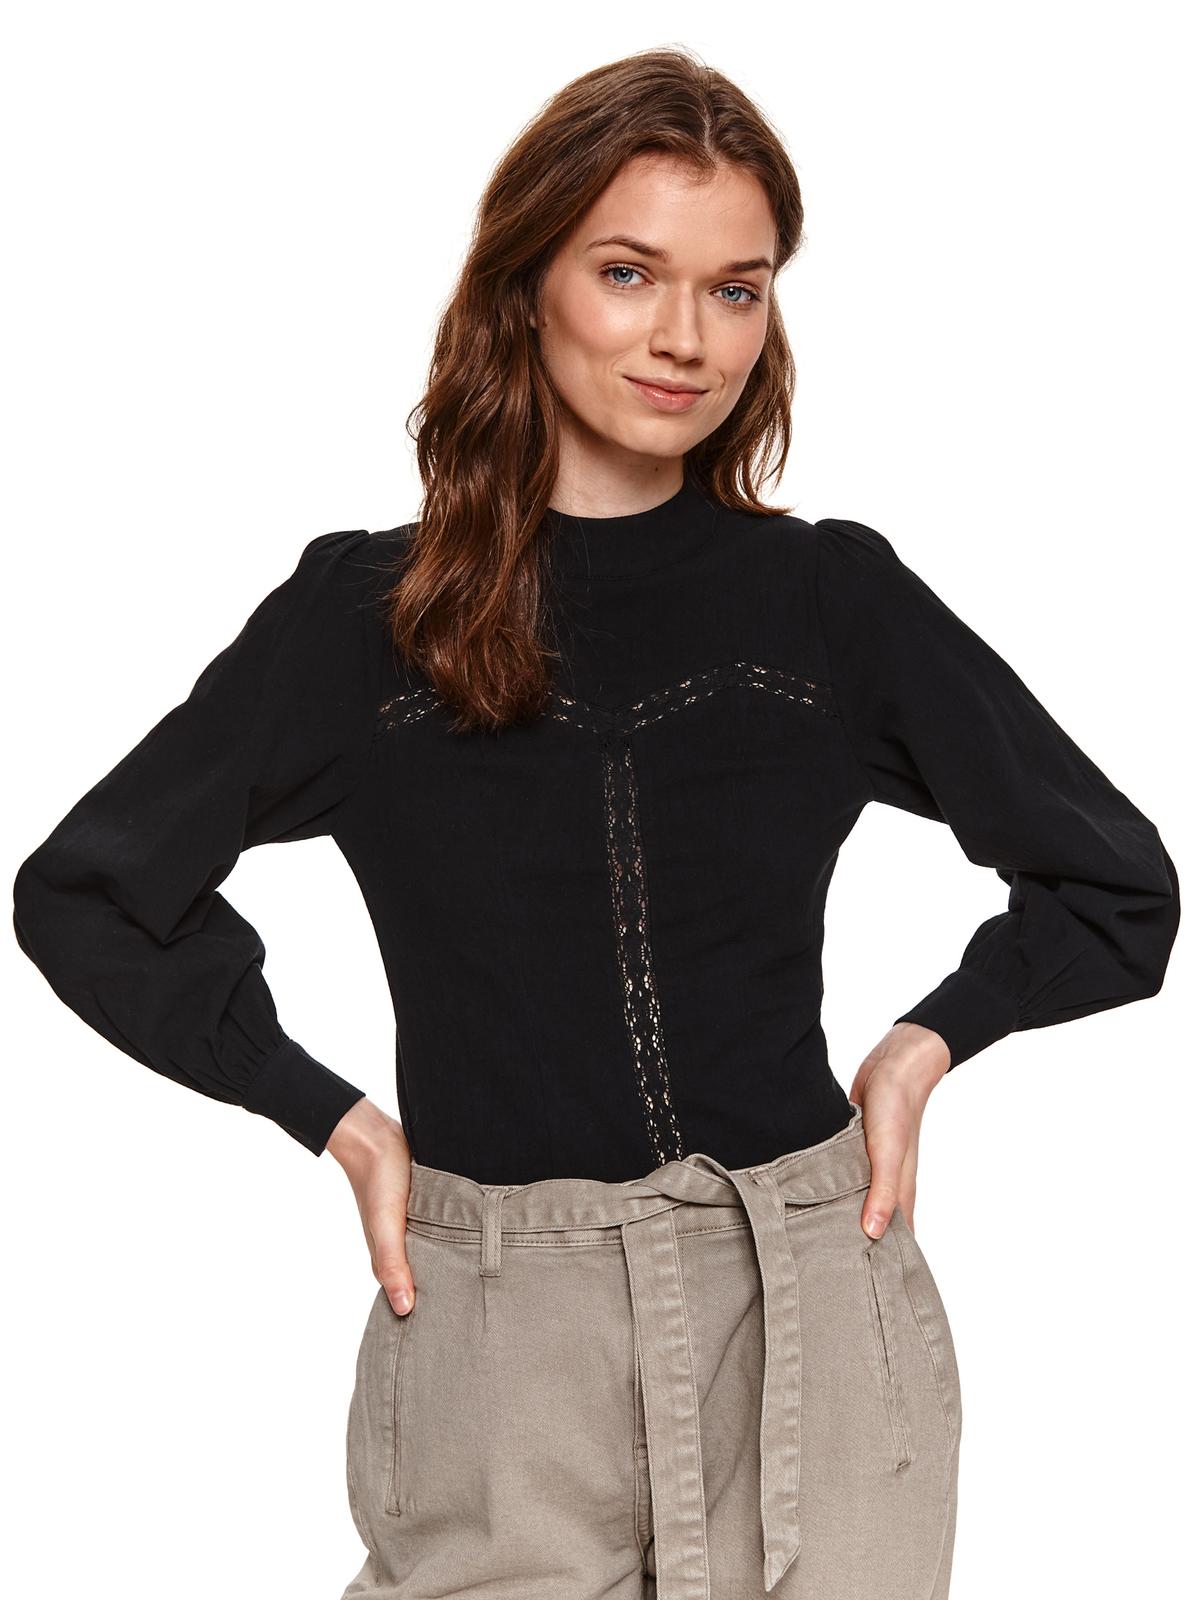 Bluza dama Top Secret neagra cu material dantelat pe gat cu maneci prinse in elastic